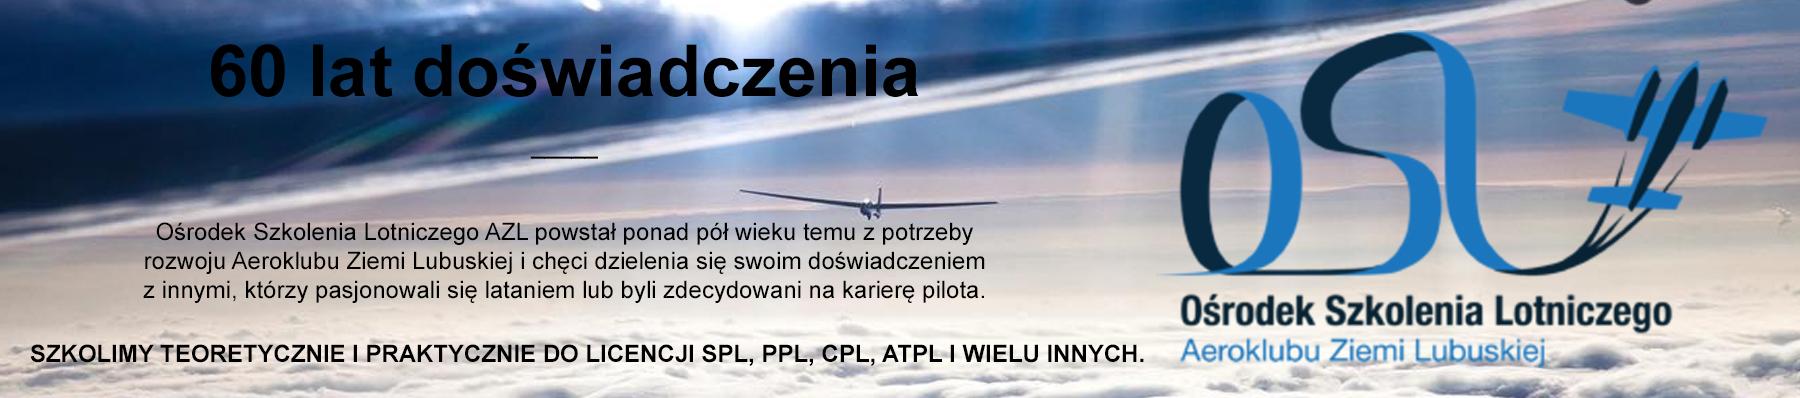 Ośrodek Szkolenia Lotniczego w Przylep-Zielona Góra